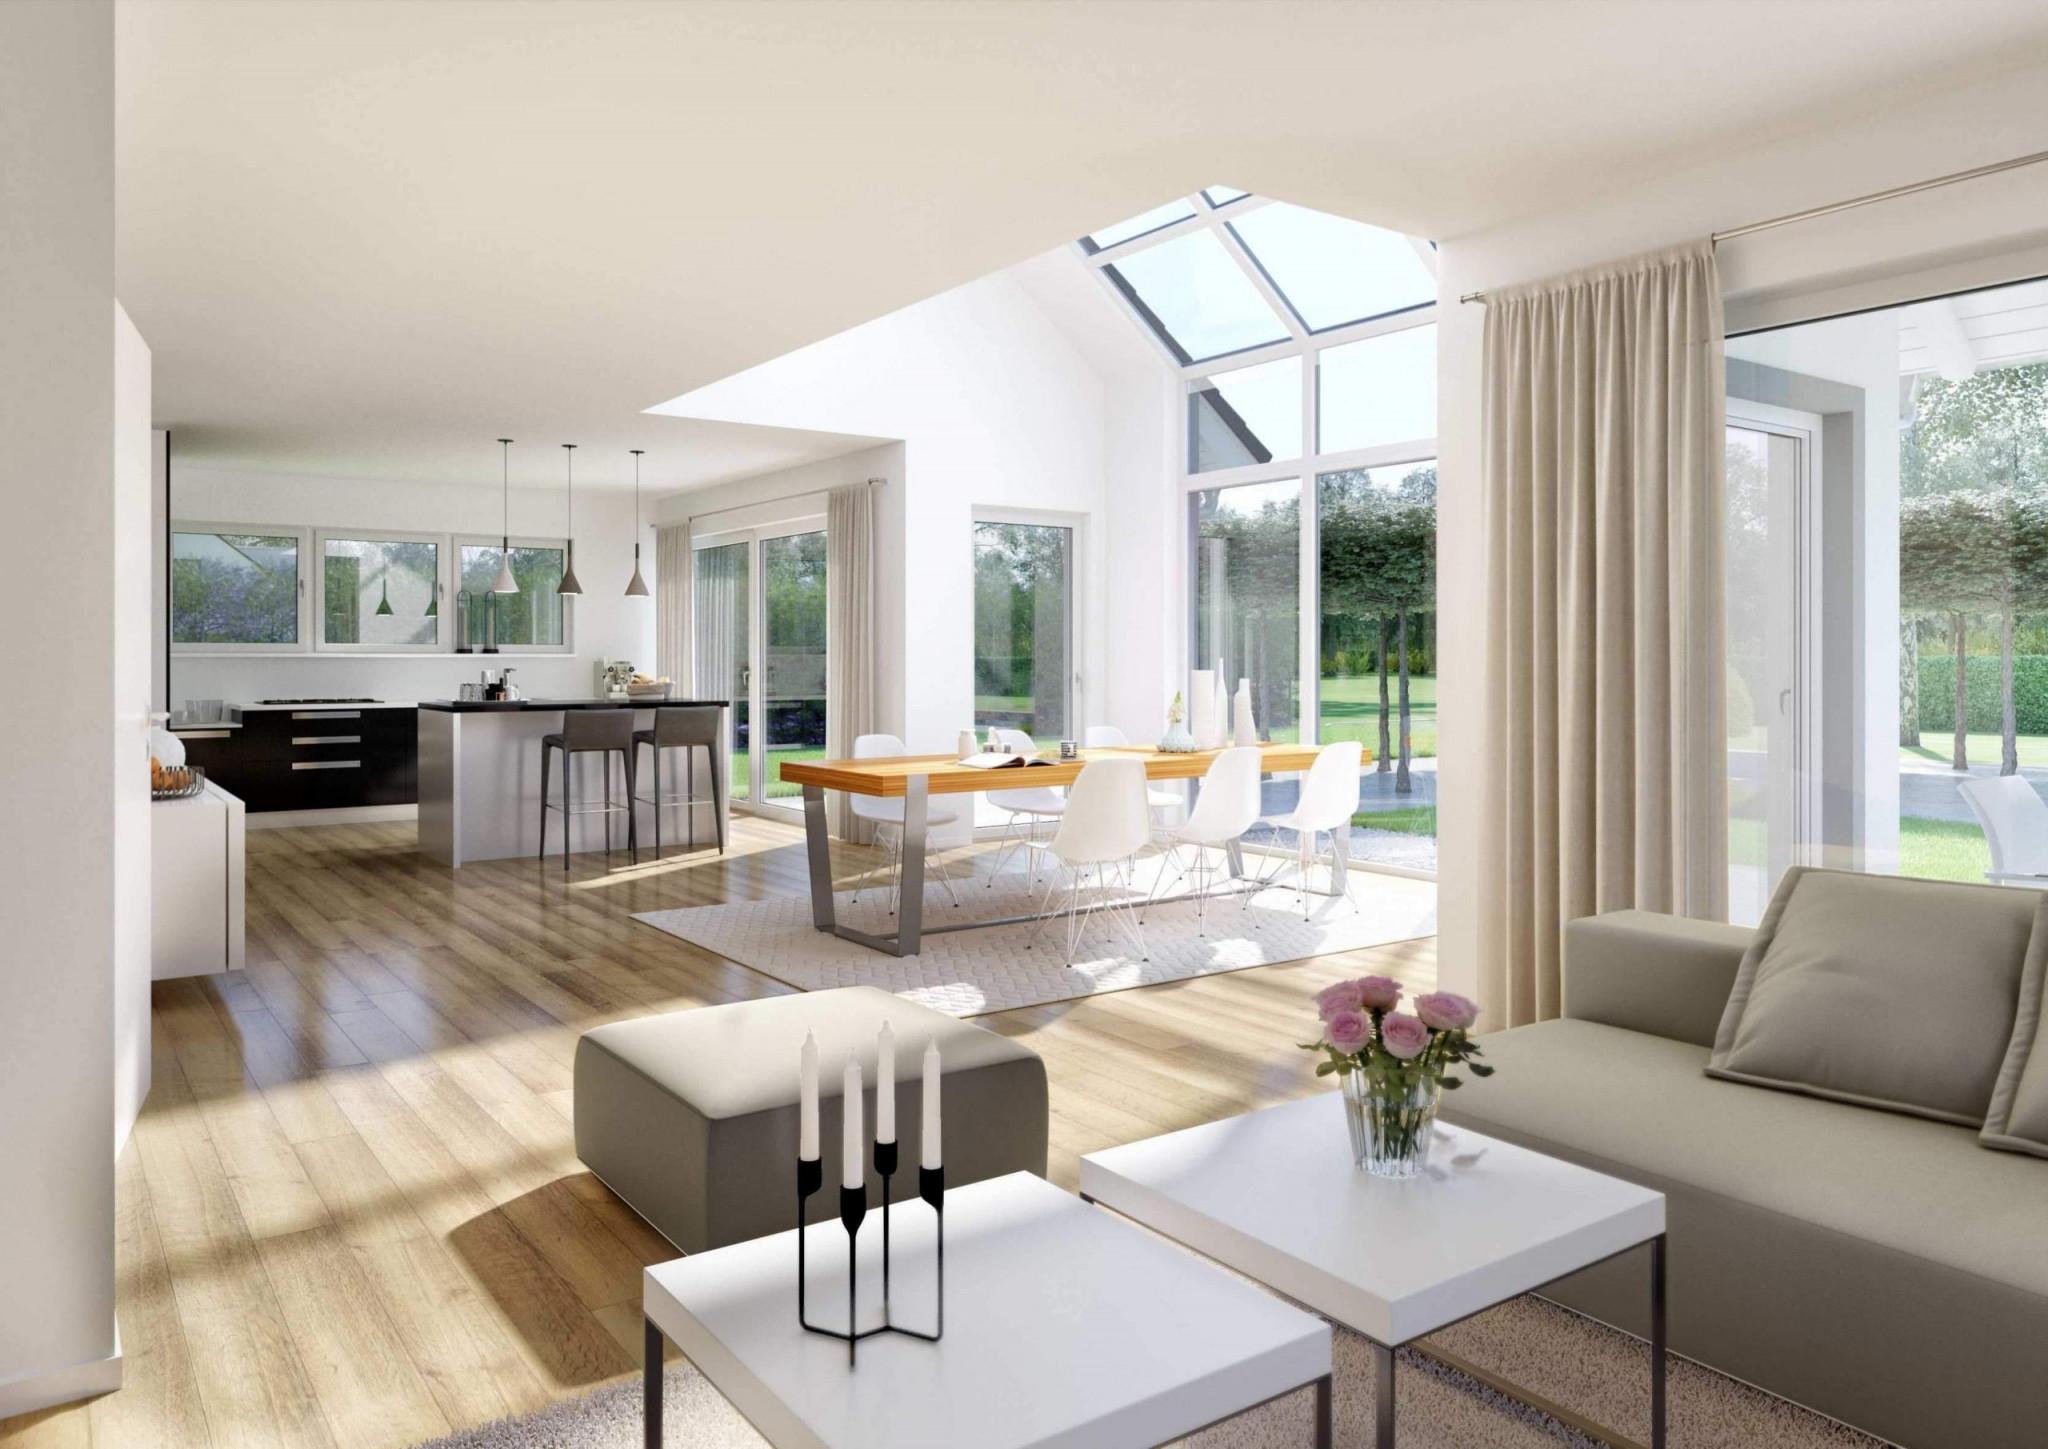 Wohnzimmer Pflanze Groß Elegant 45 Luxus Von Wohnzimmer von Bilder Wohnzimmer Groß Bild